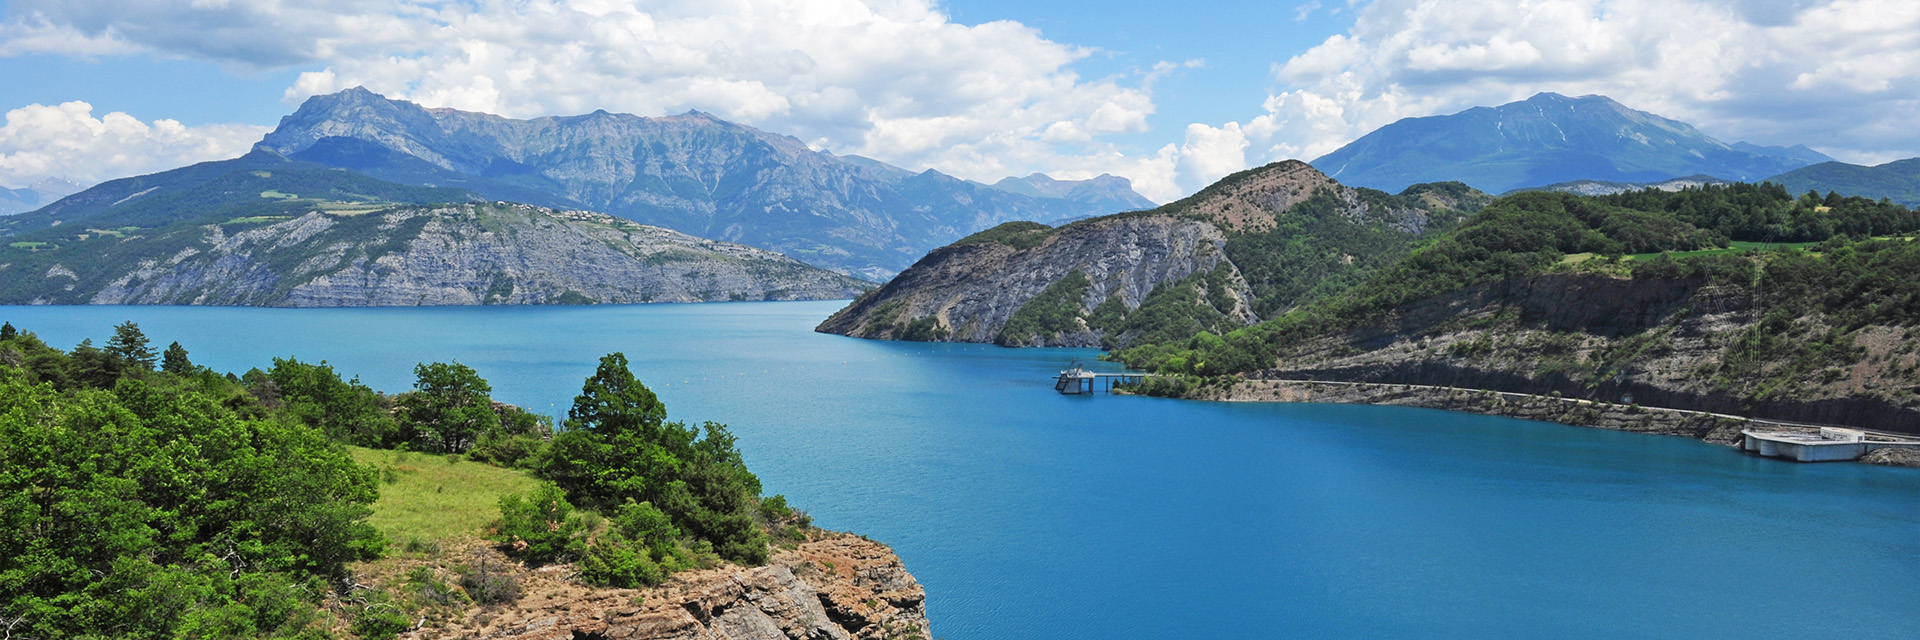 Vacances en groupe dans les Alpes-de-Haute-Provence